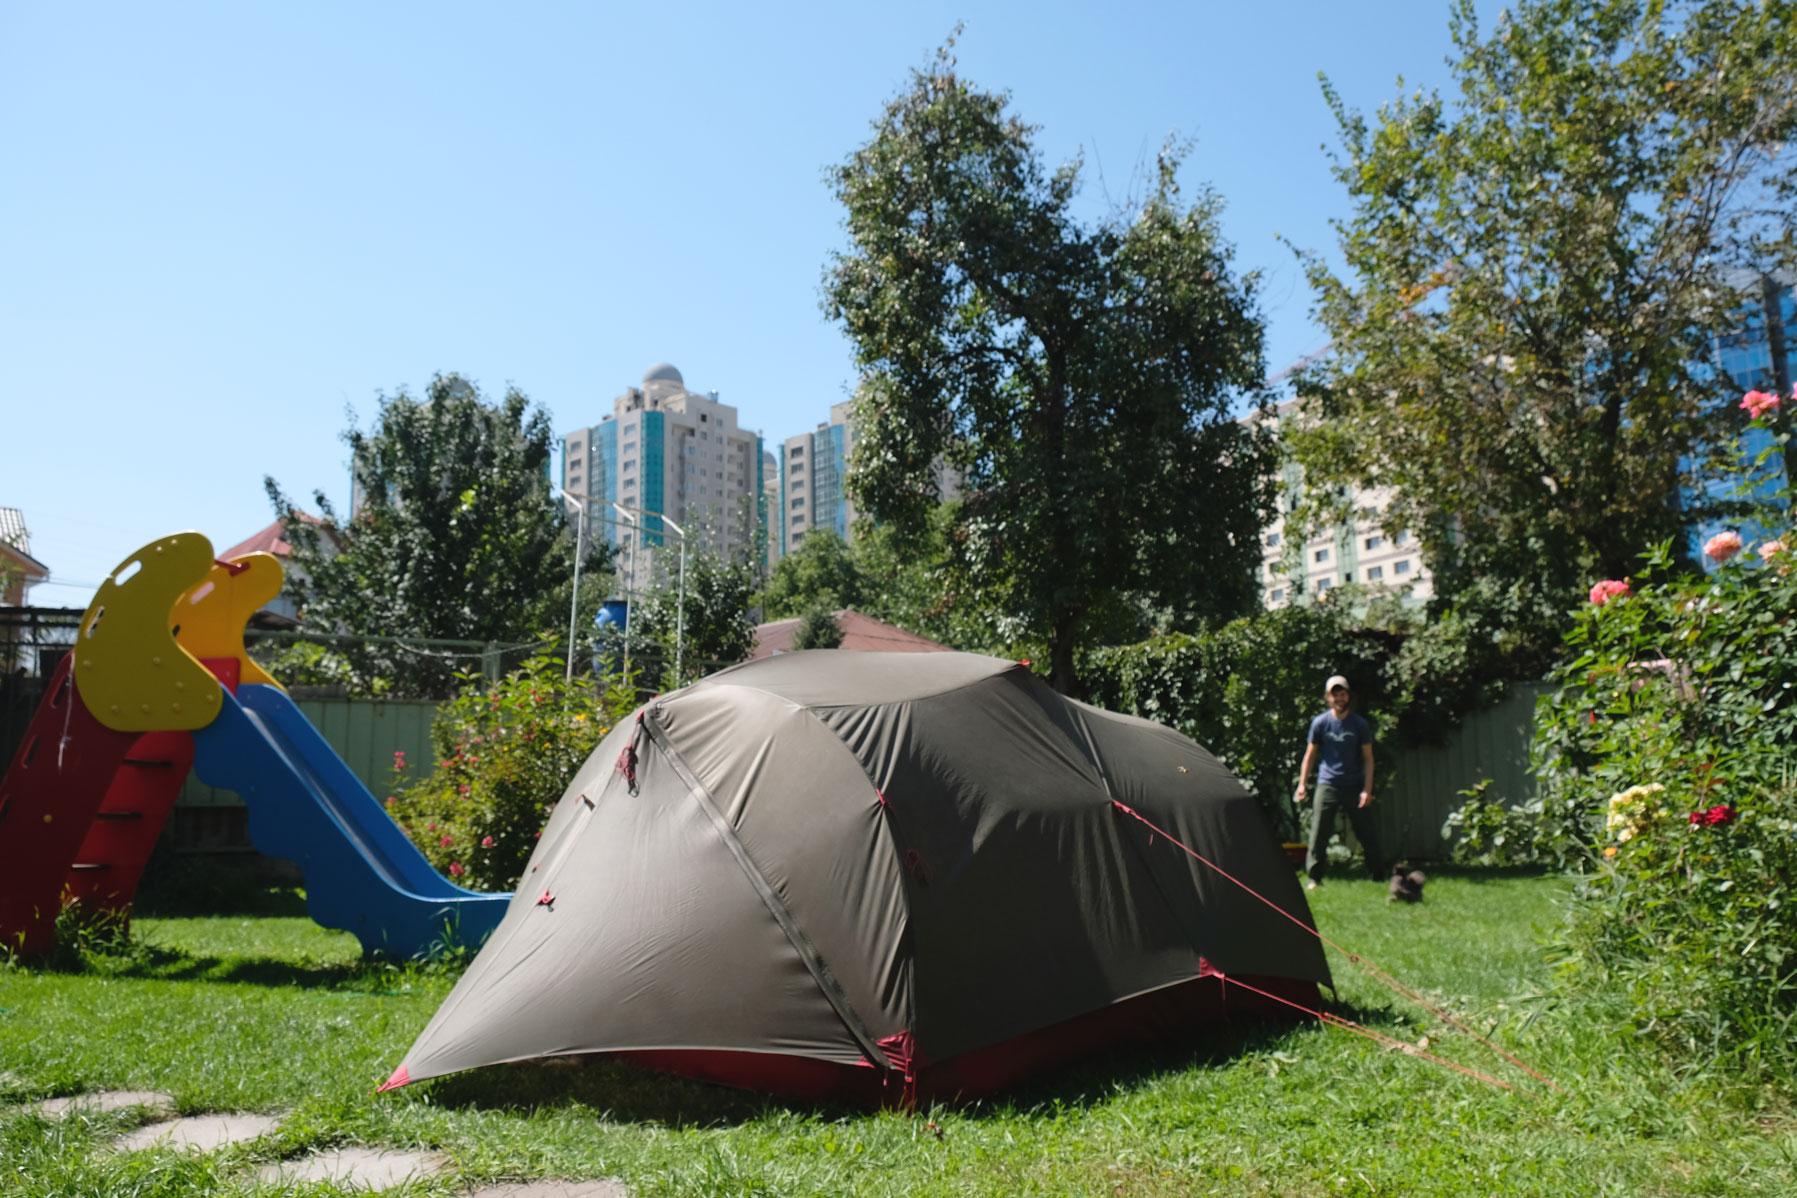 Zelt auf einer Wiese in Almaty in Kasachstan.